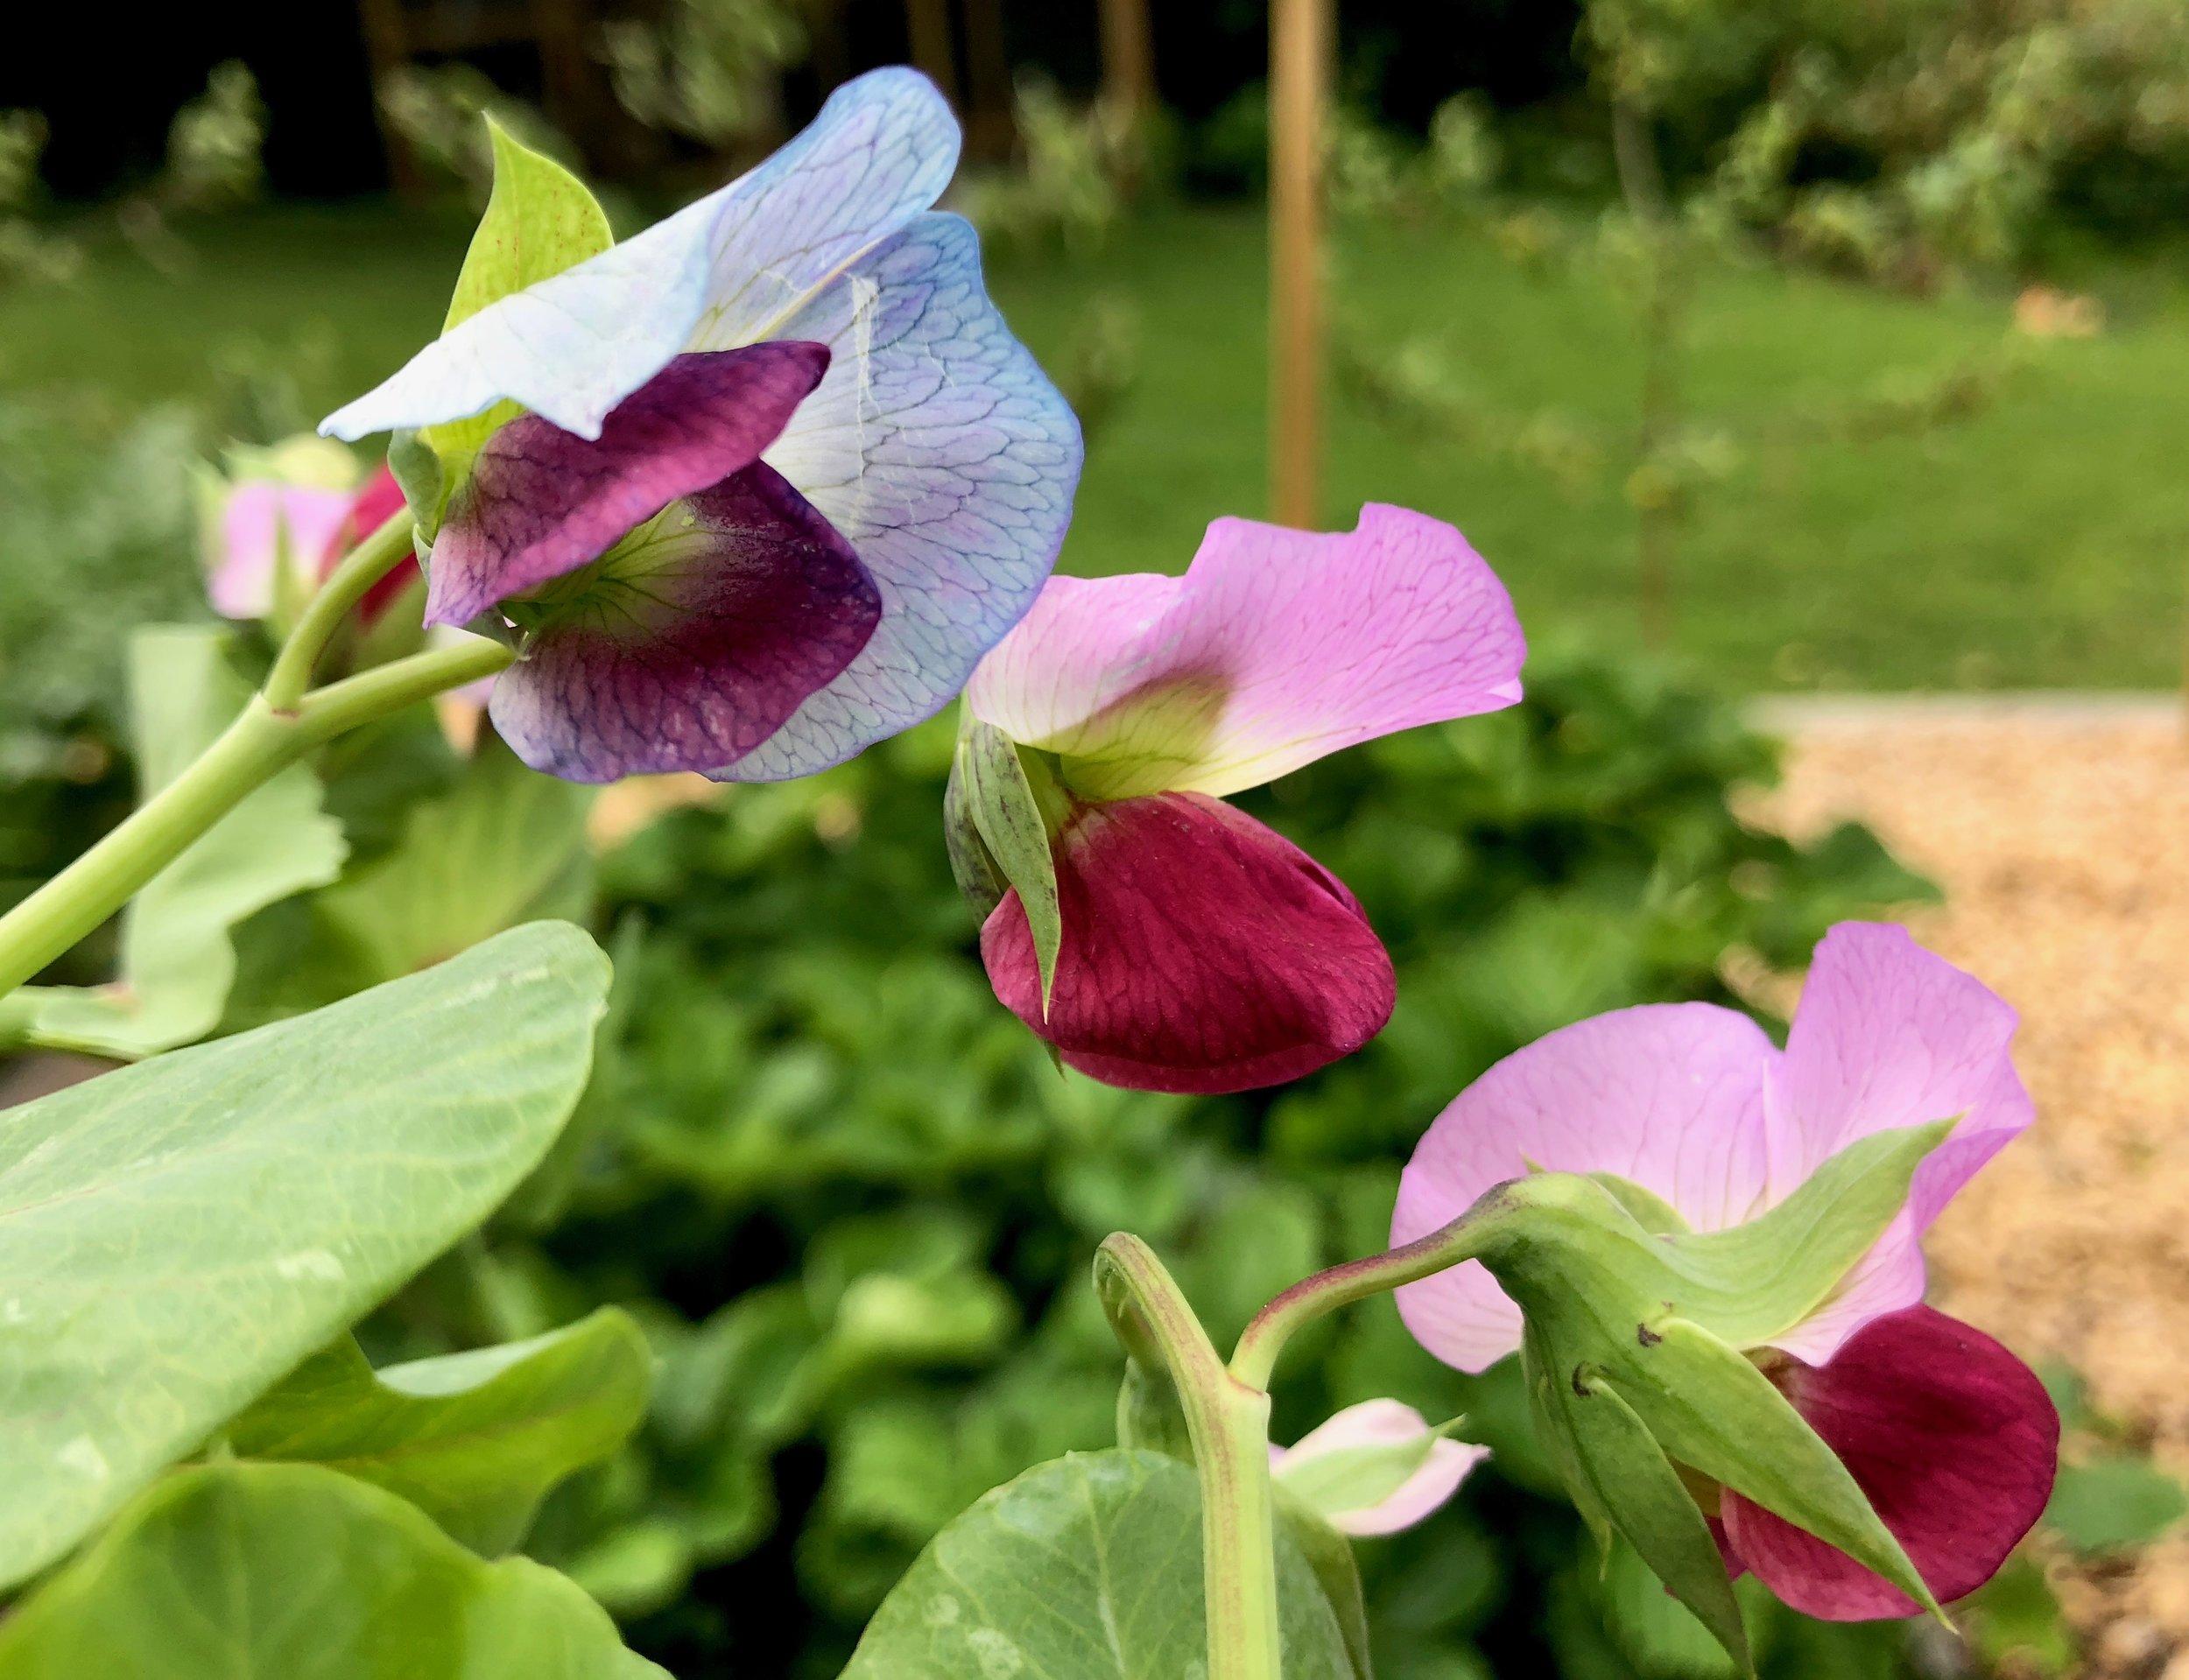 Det er utroligt så mange forskellige nuancer, blomsterne får på de her blå ærter.